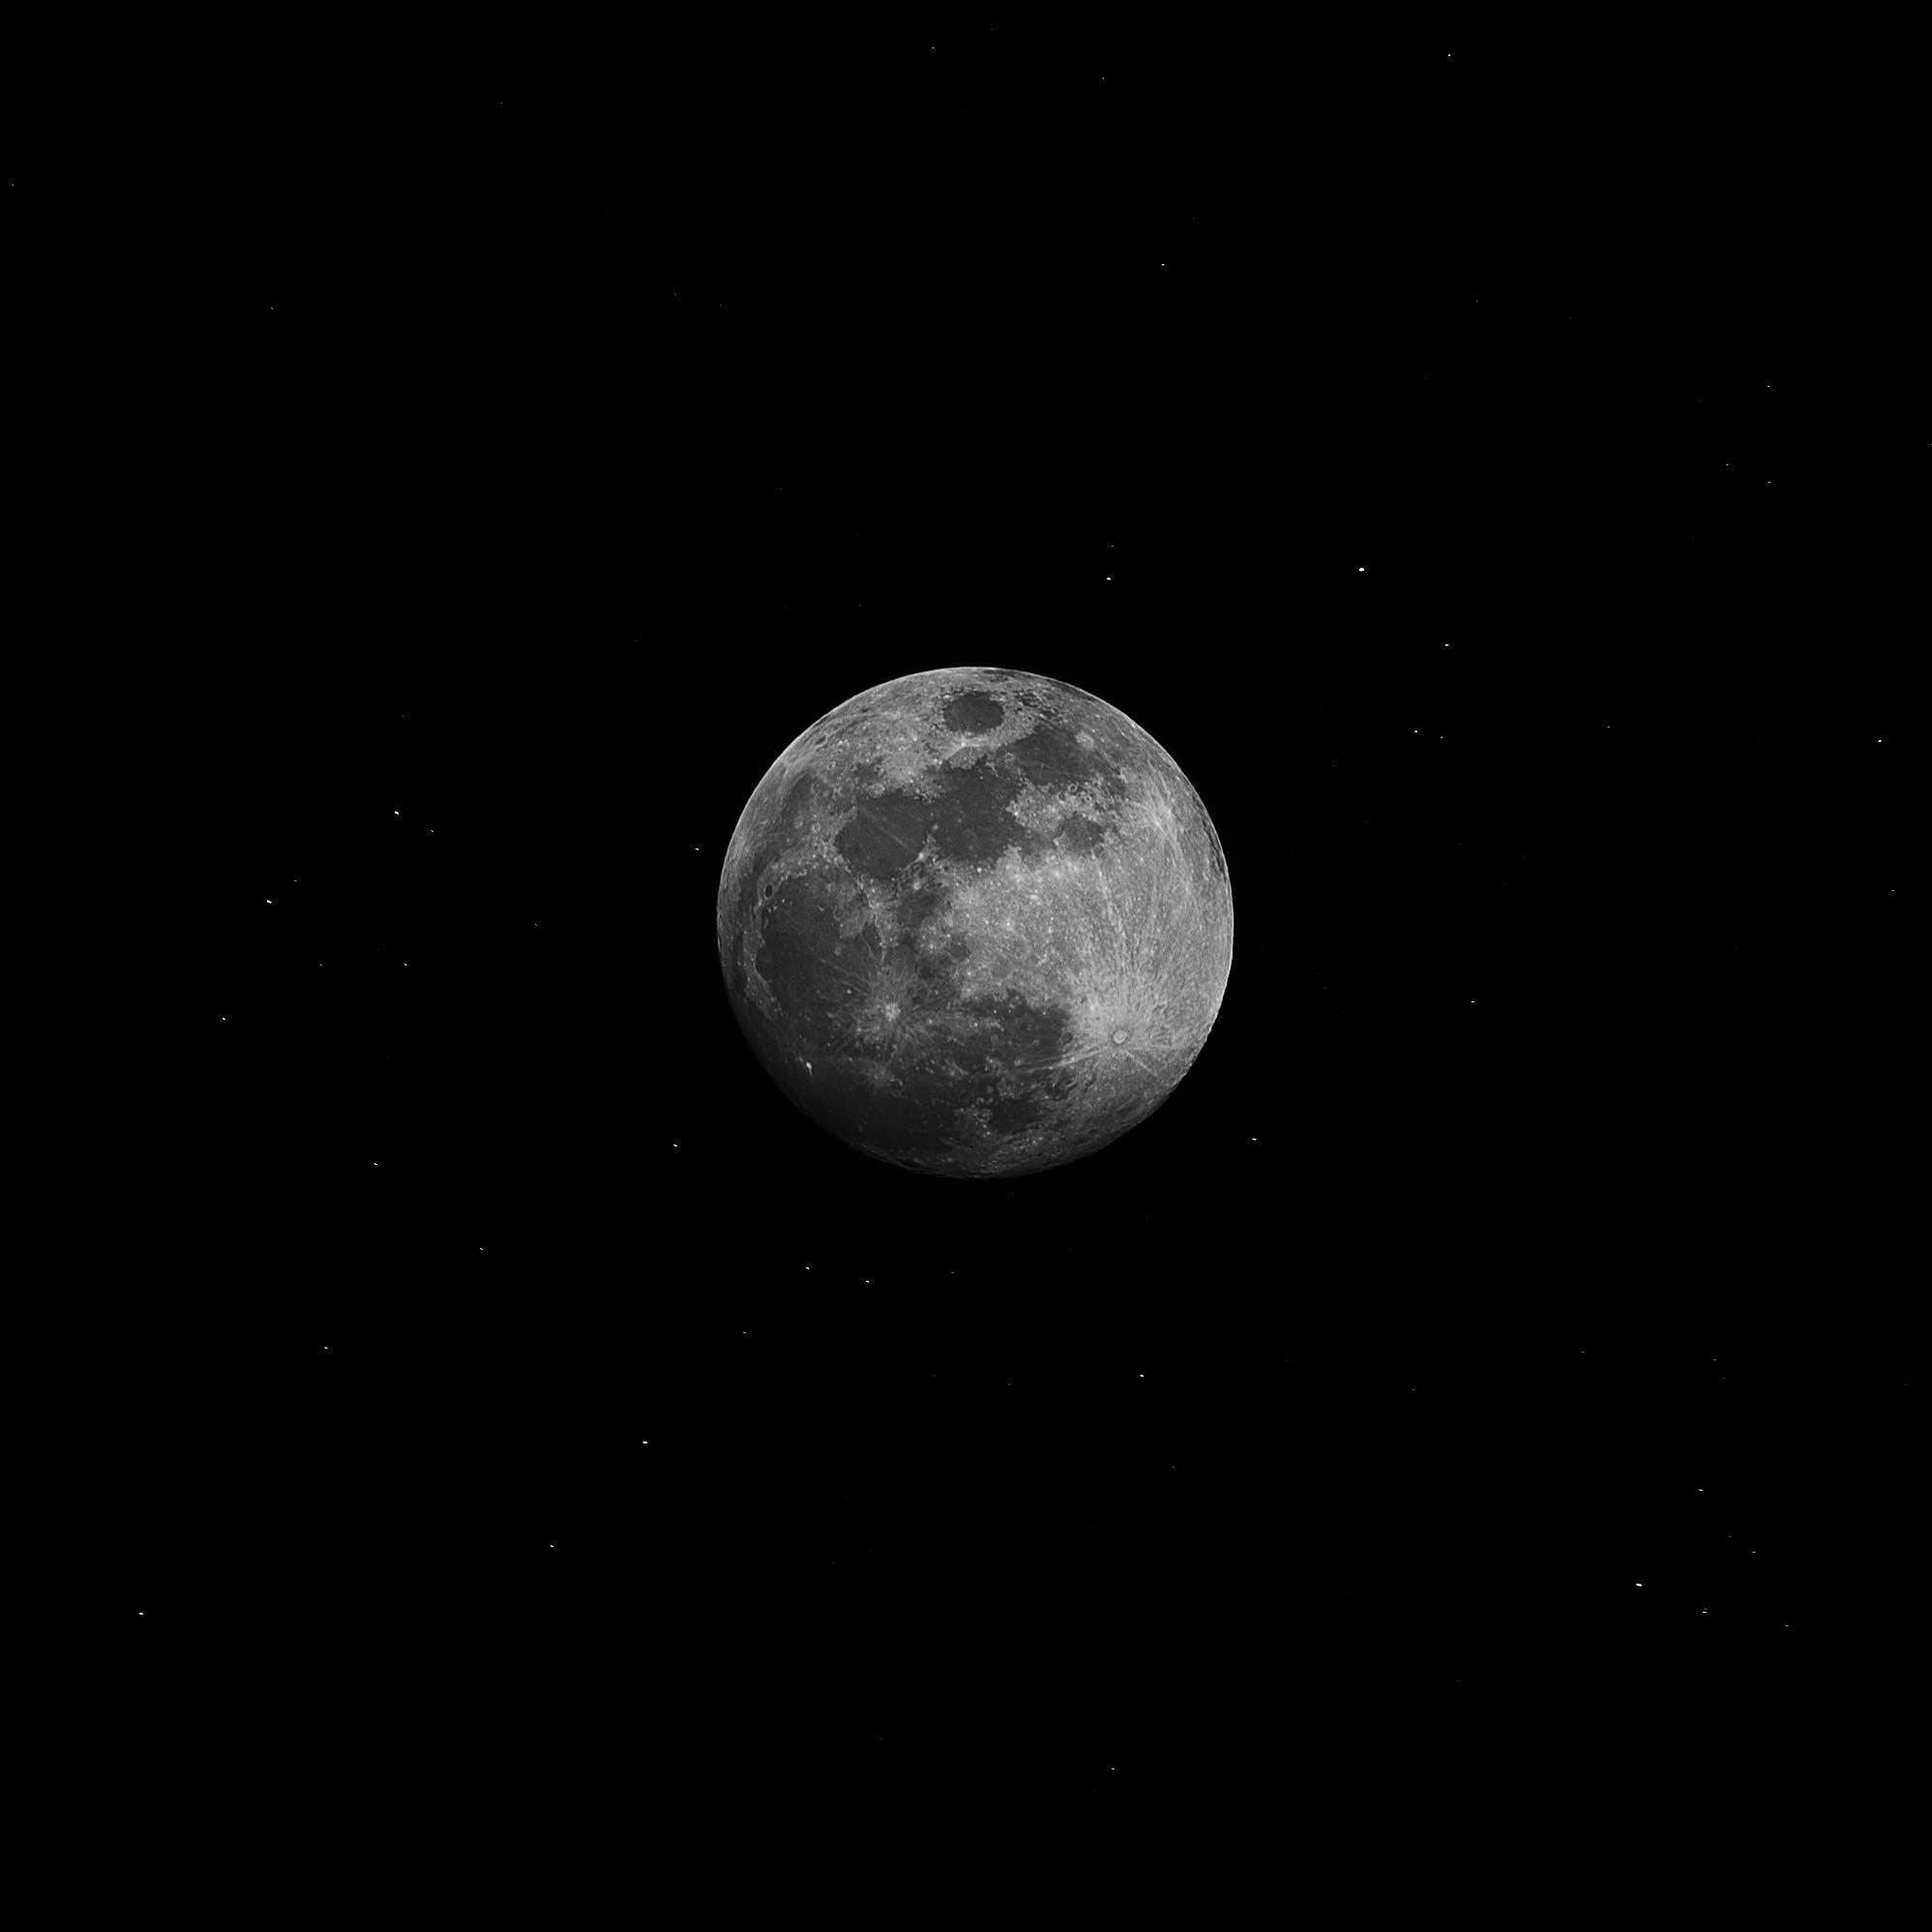 astrología, astronomía, blanco y negro